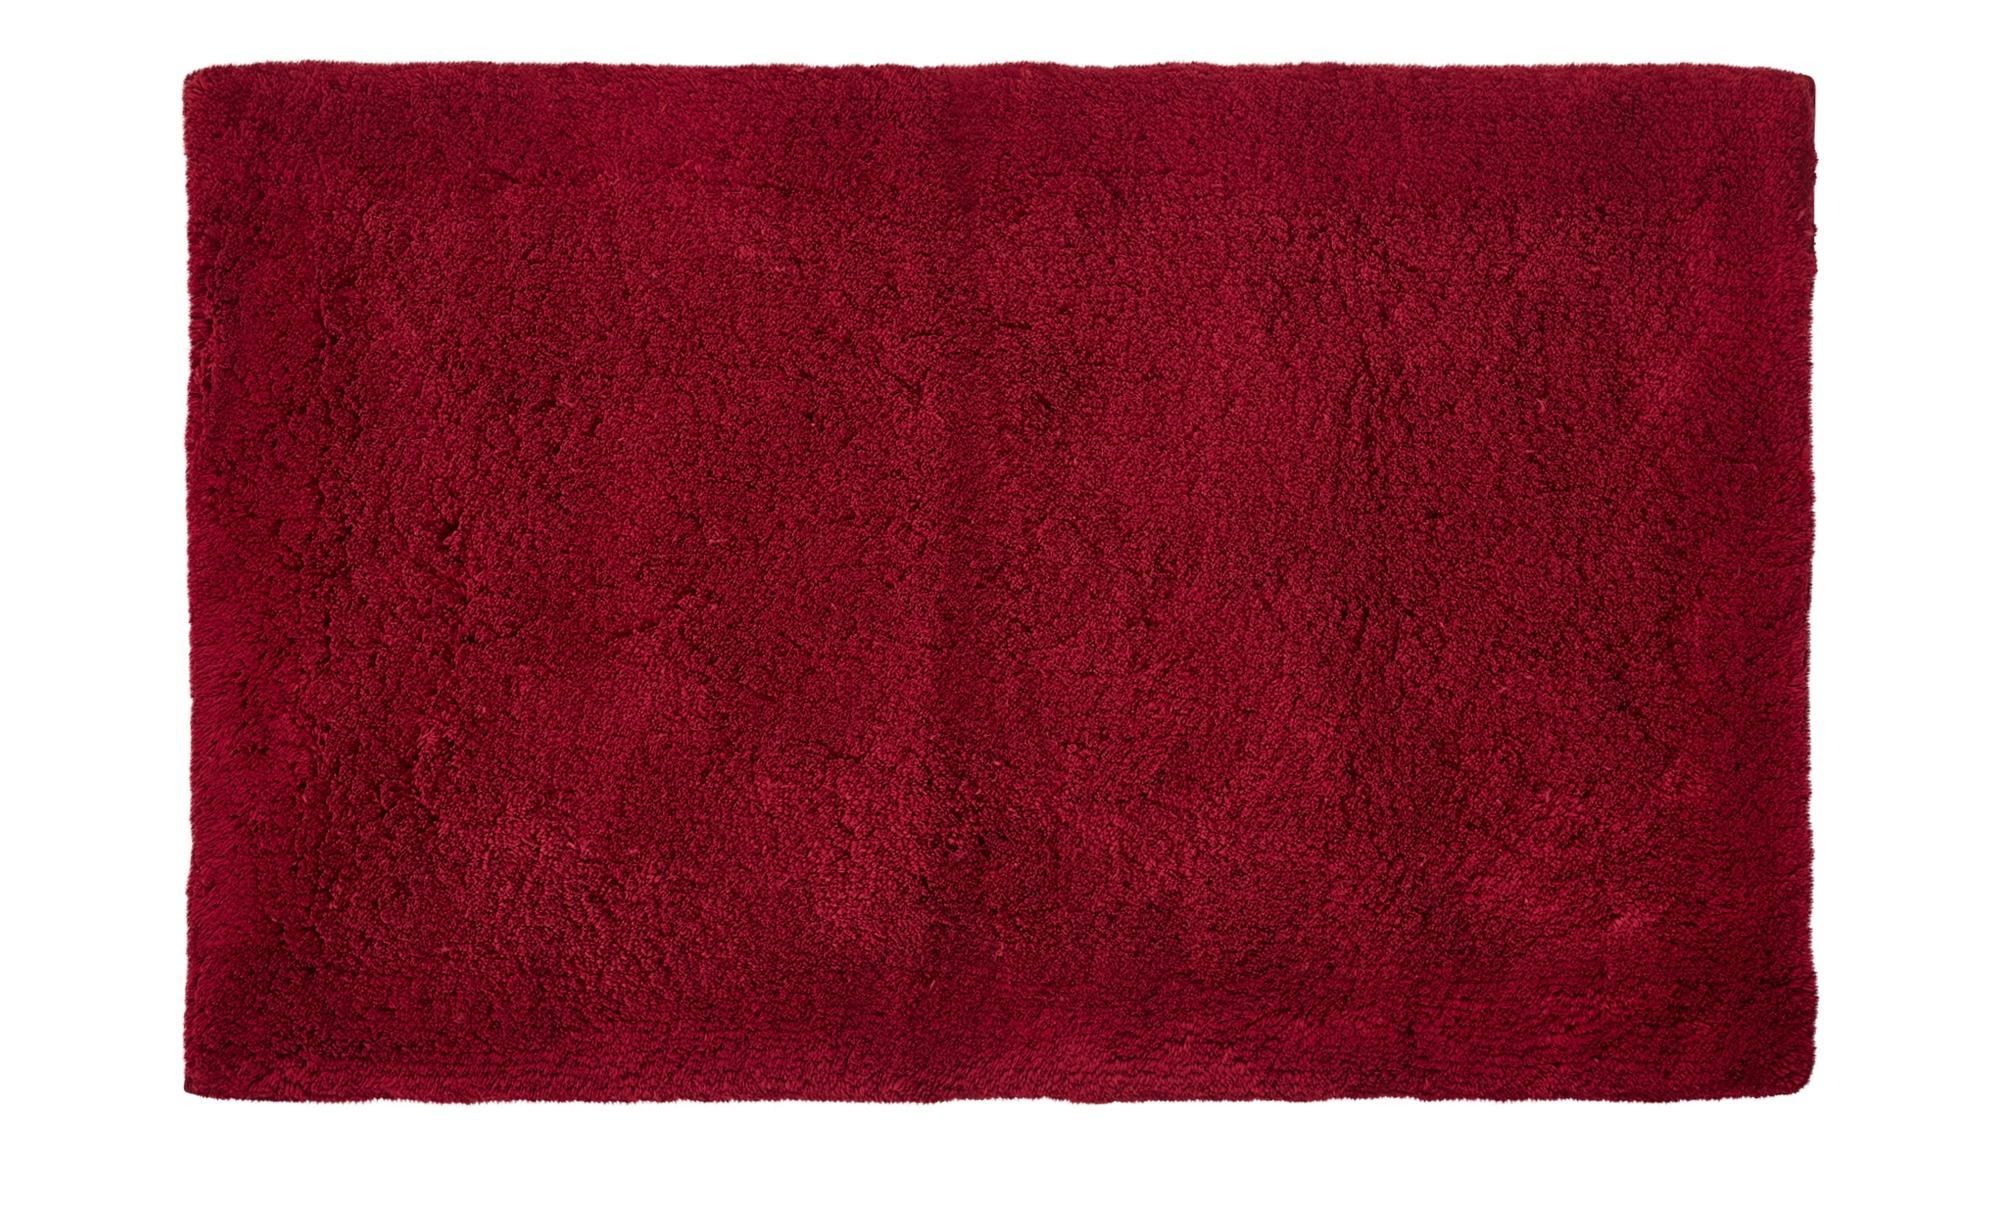 Badteppich  Wölkchen ¦ rot ¦ reine Baumwolle ¦ Maße (cm): B: 70 Badtextilien und Zubehör > Badematten & Badvorleger - Höffner